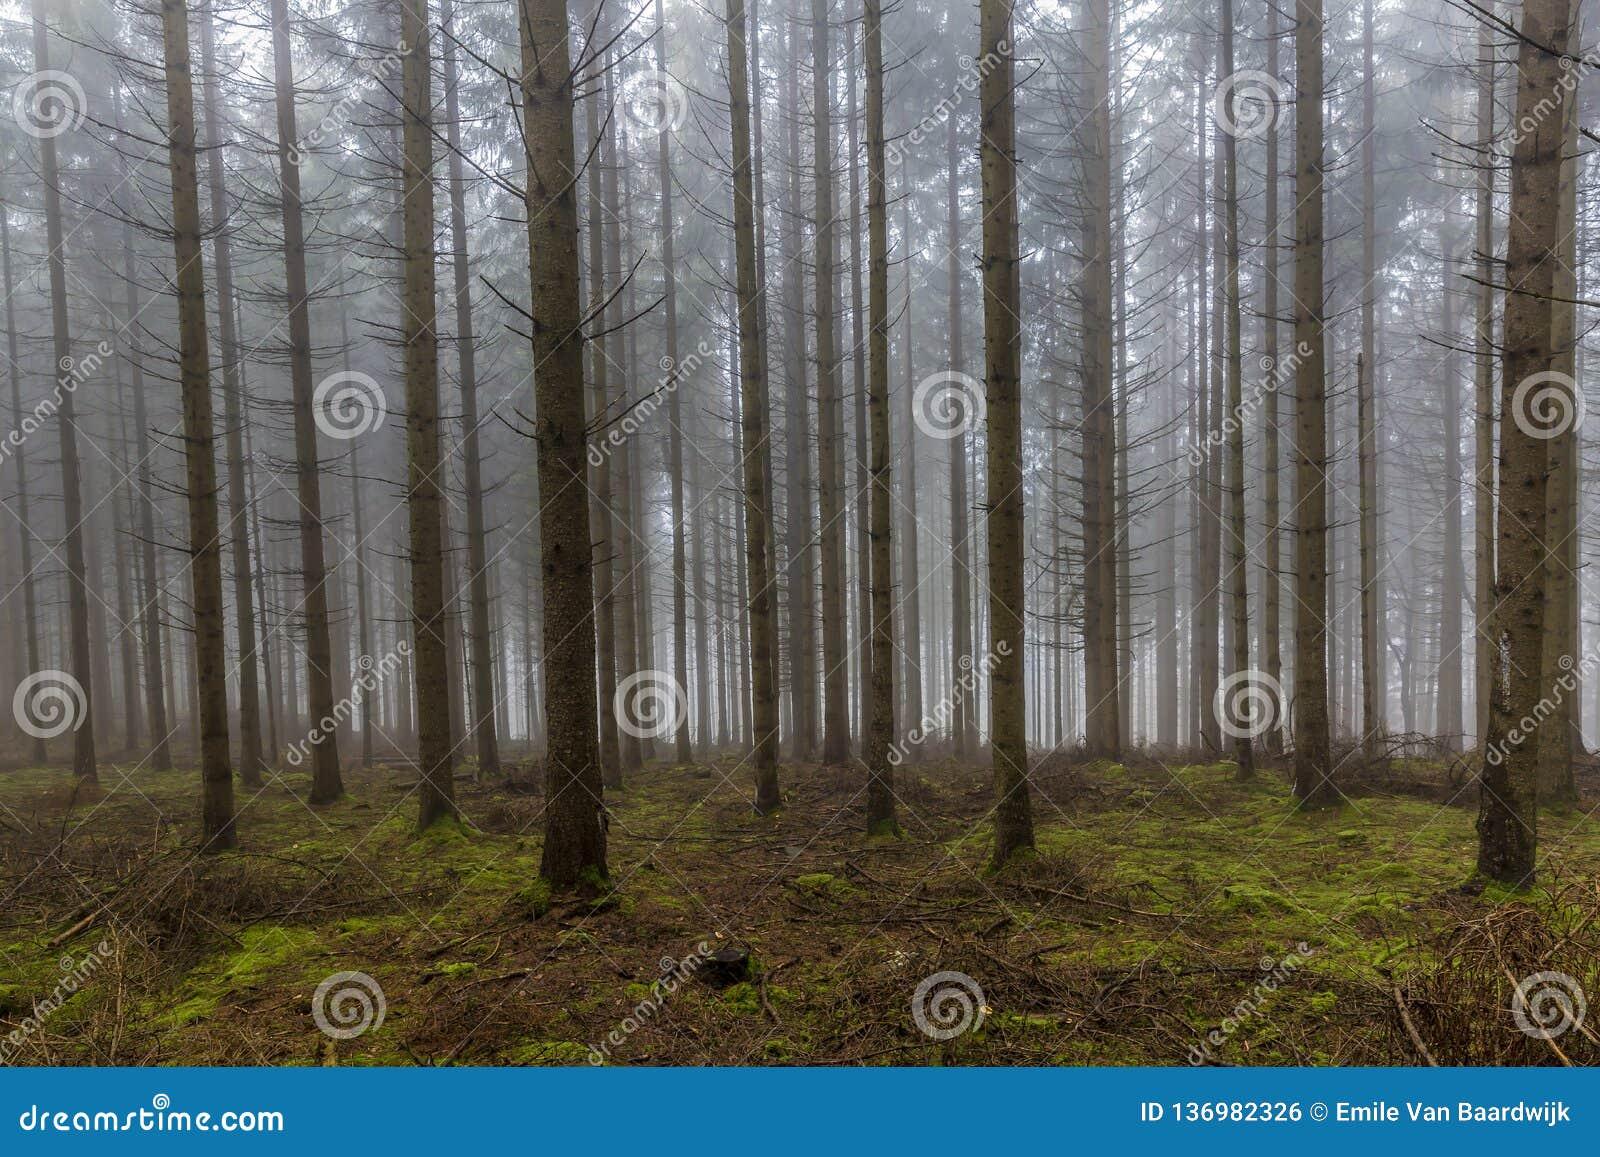 Εικόνα των ψηλών δέντρων πεύκων στο δάσος με το βρύο και των κλάδων στο έδαφος με πολλή ομίχλη